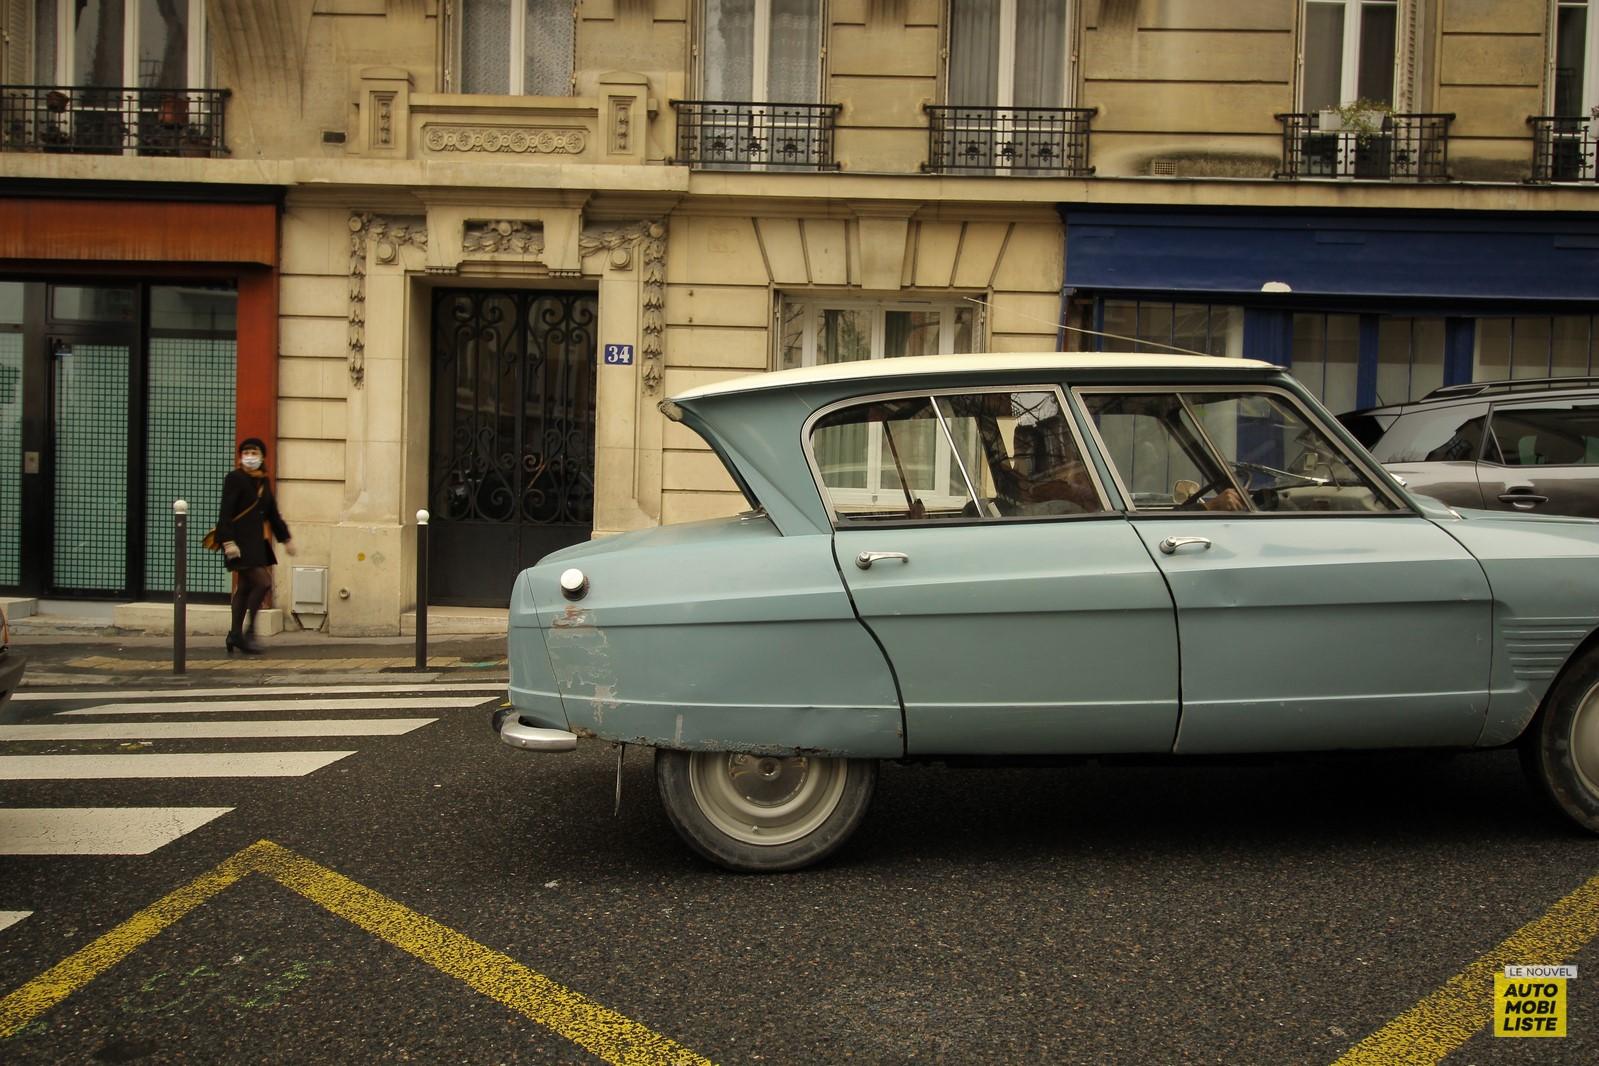 Traversee de Paris LNA Thibaut Dumoulin 21